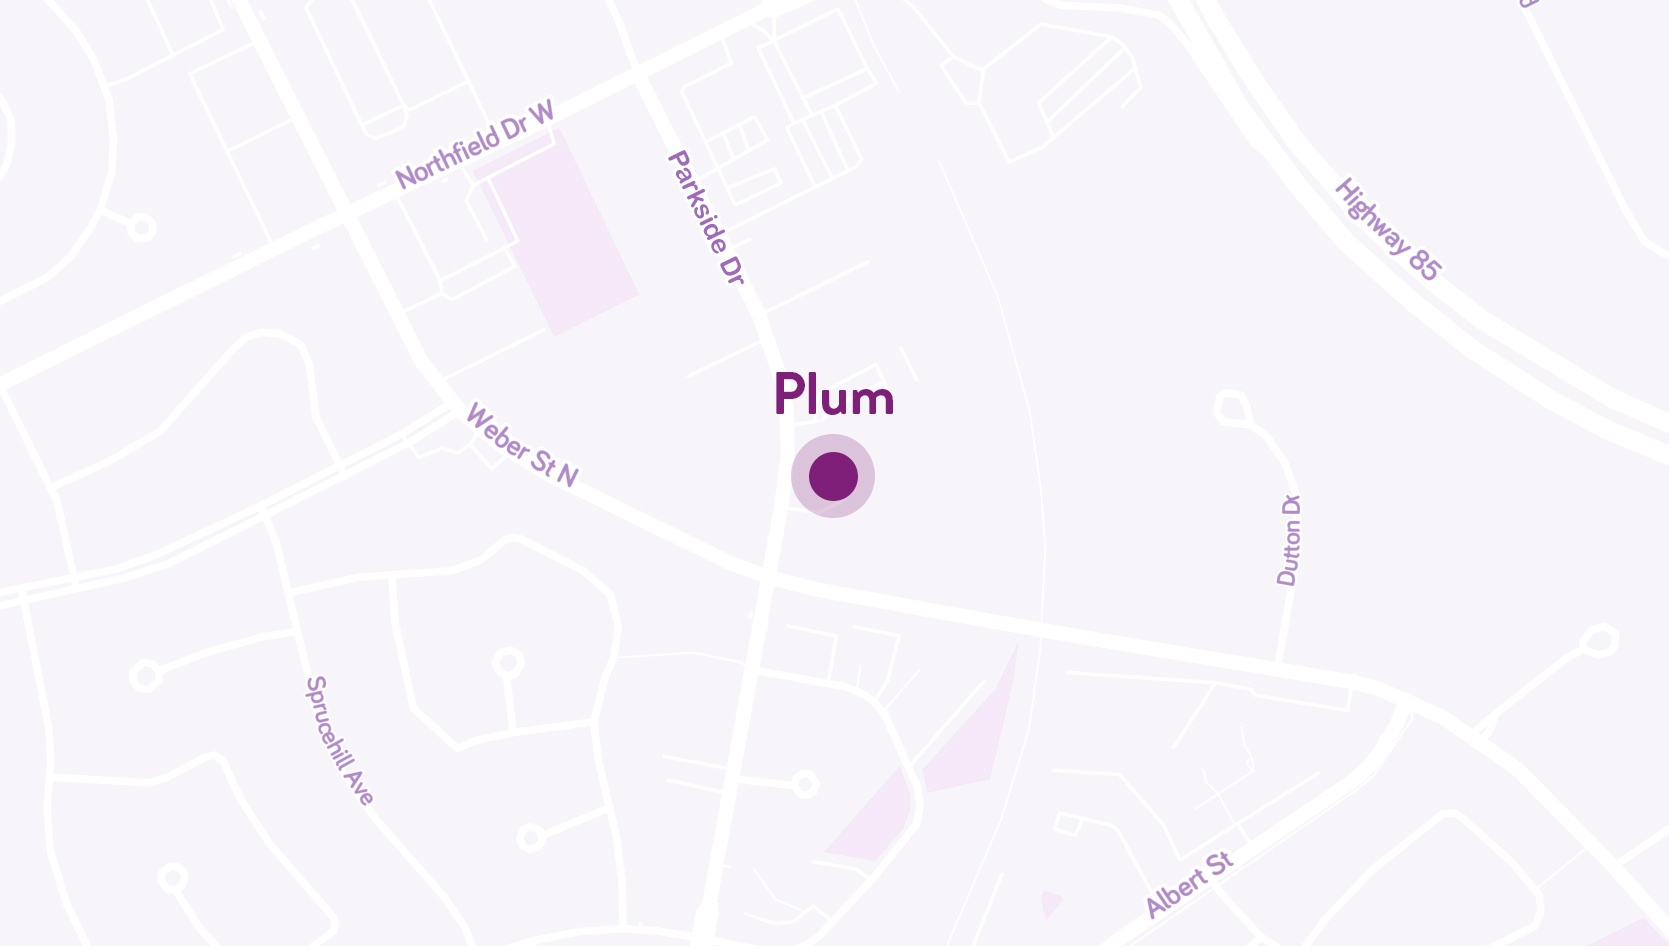 Plum headquarters map